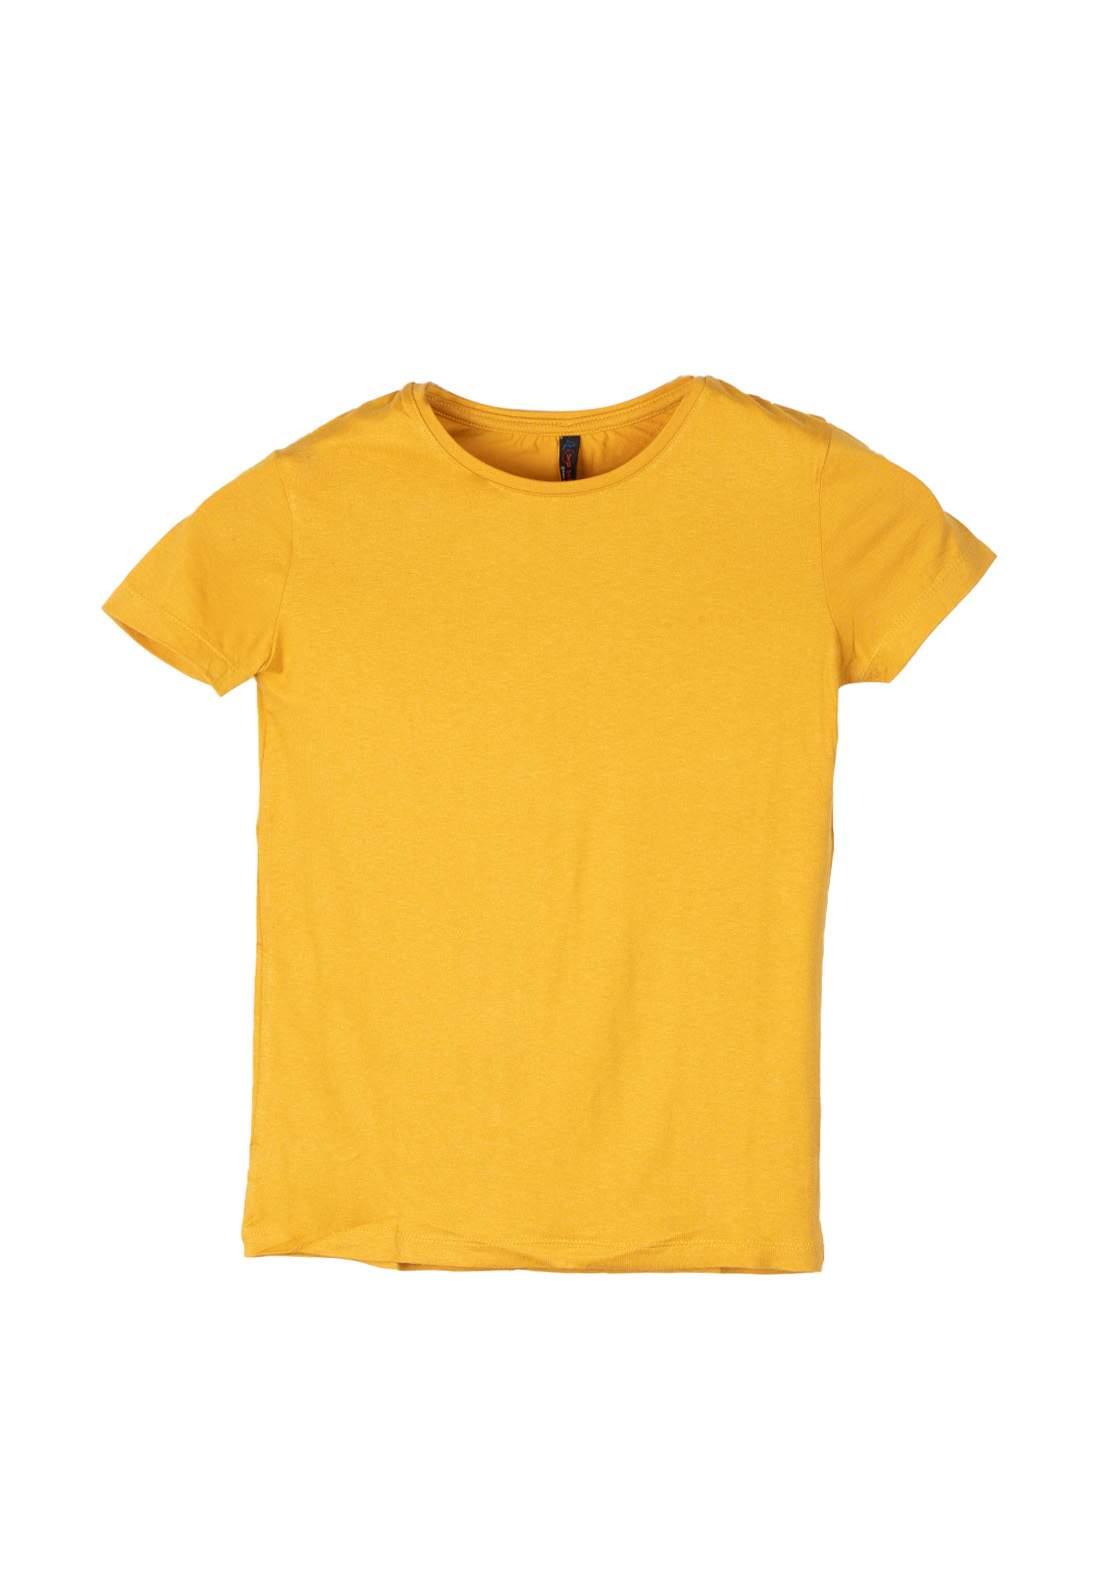 تيشيرت نسائي اصفر اللون